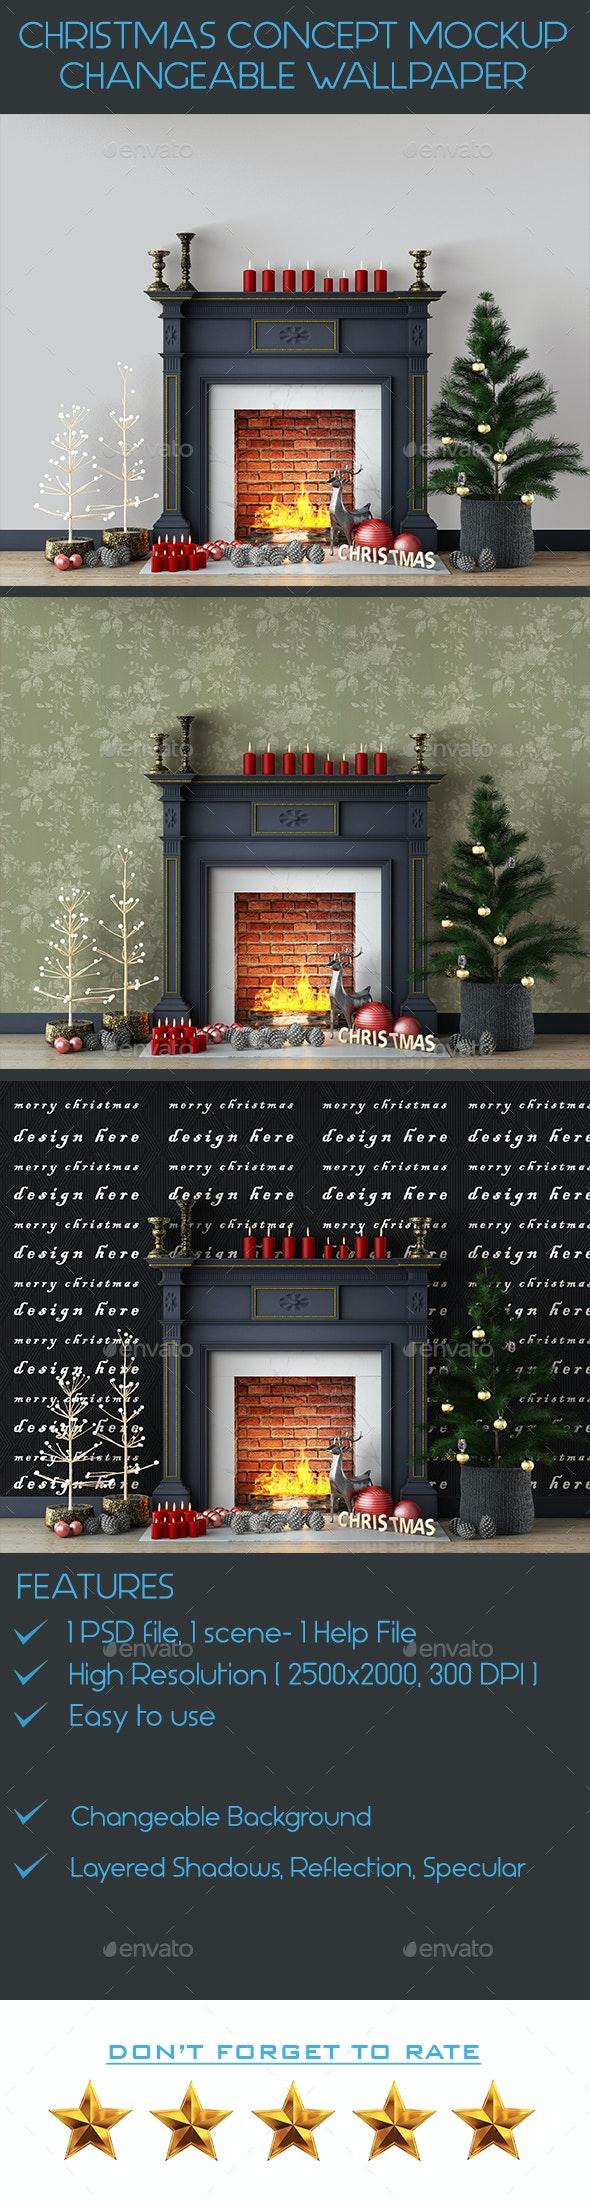 Christmas Concept Wall Mockup - Product Mock-Ups Graphics